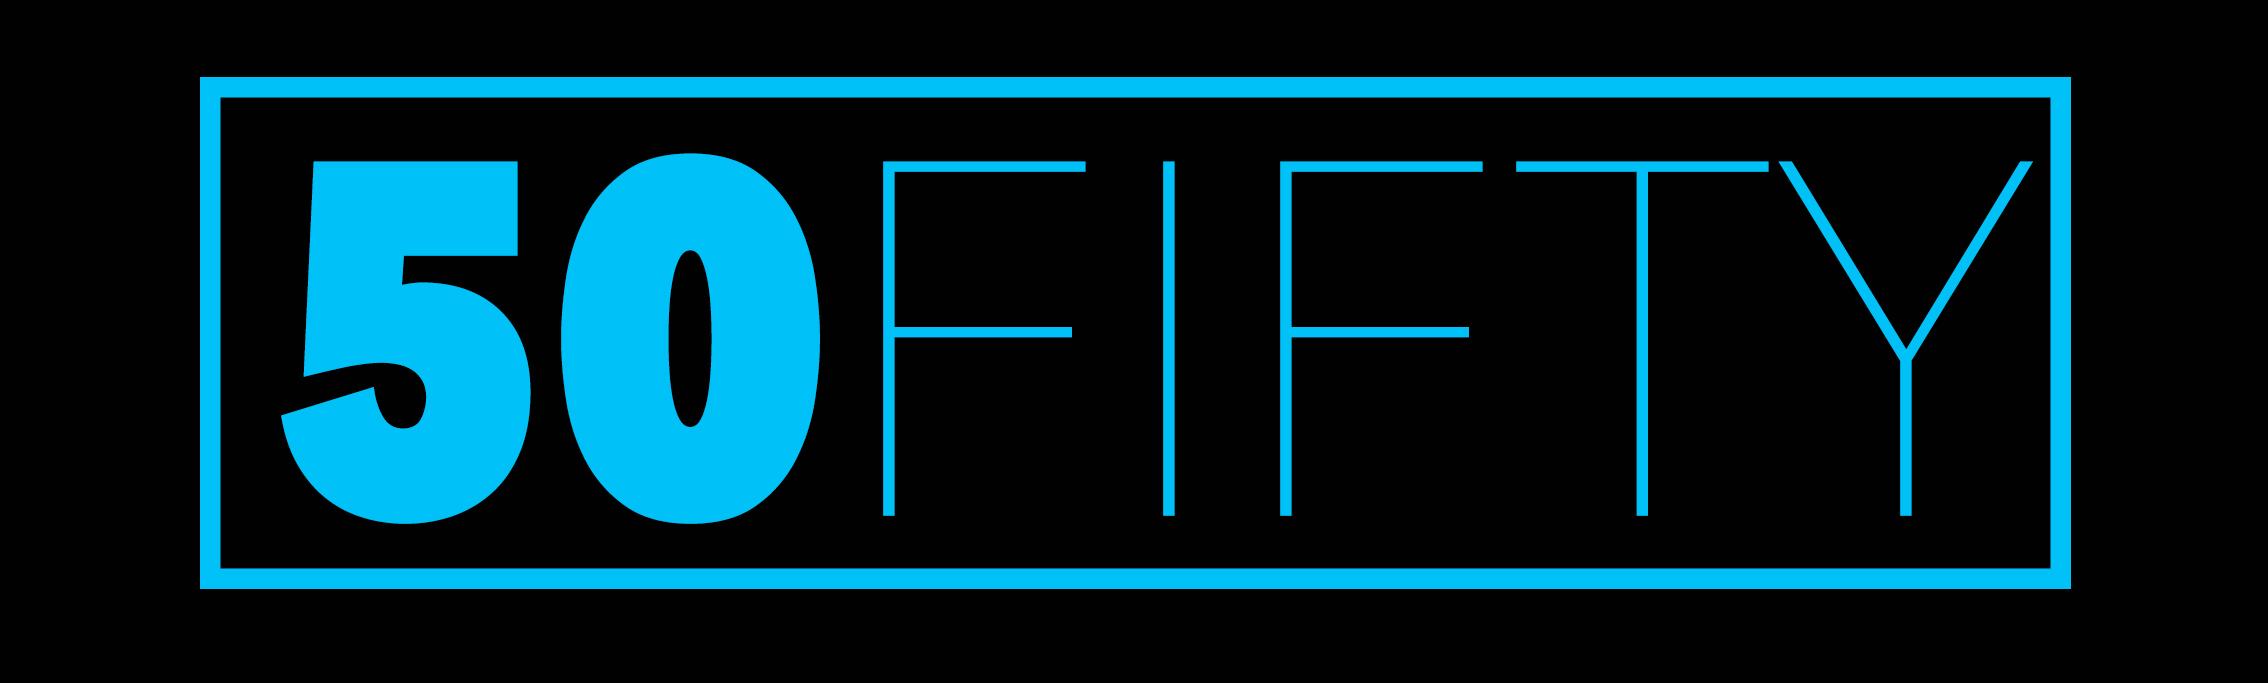 final-logo-2020.jpg